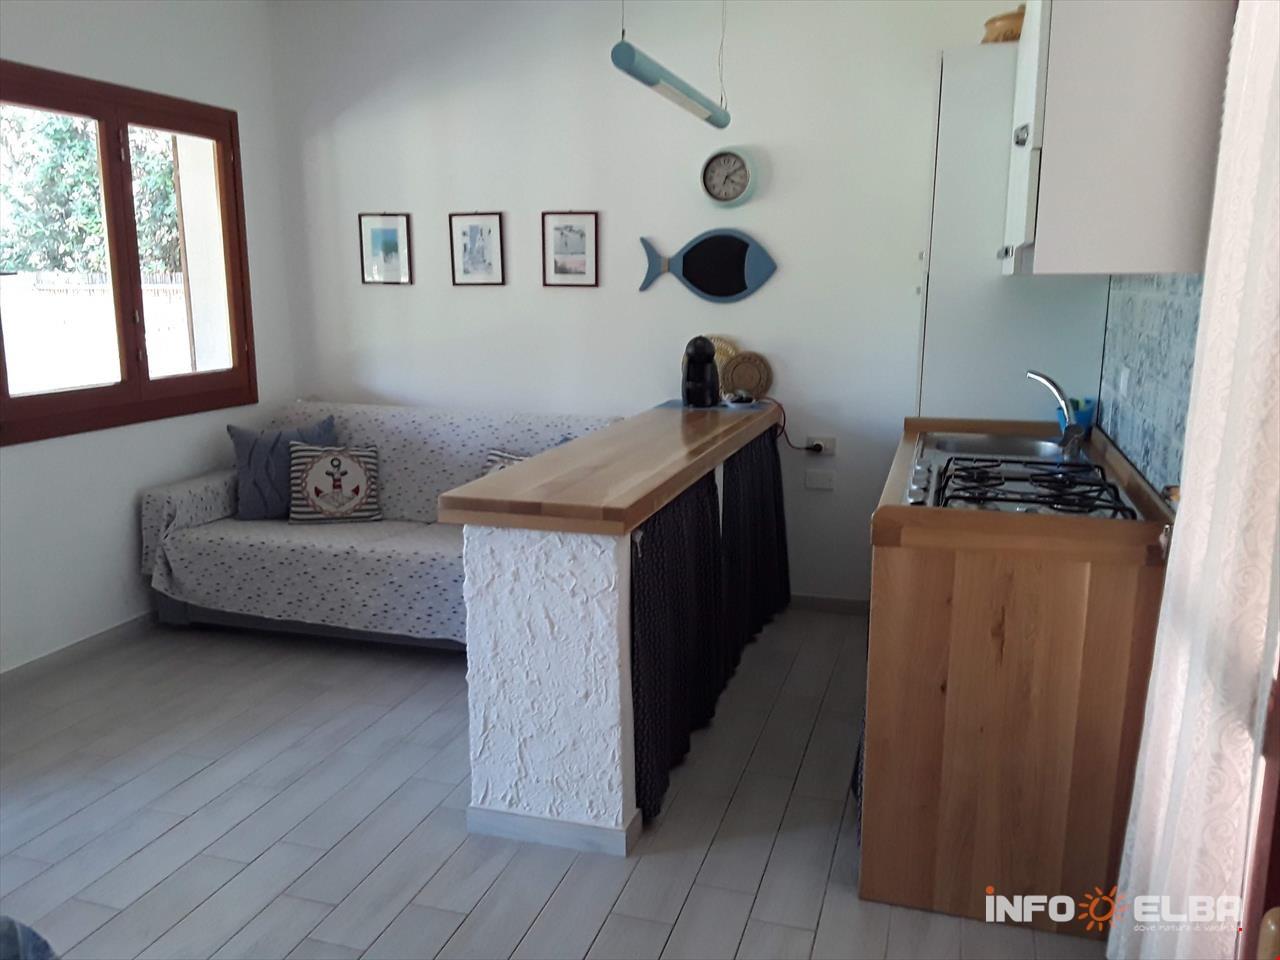 Appartamento Muti on the Island of Elba, in Capoliveri ...